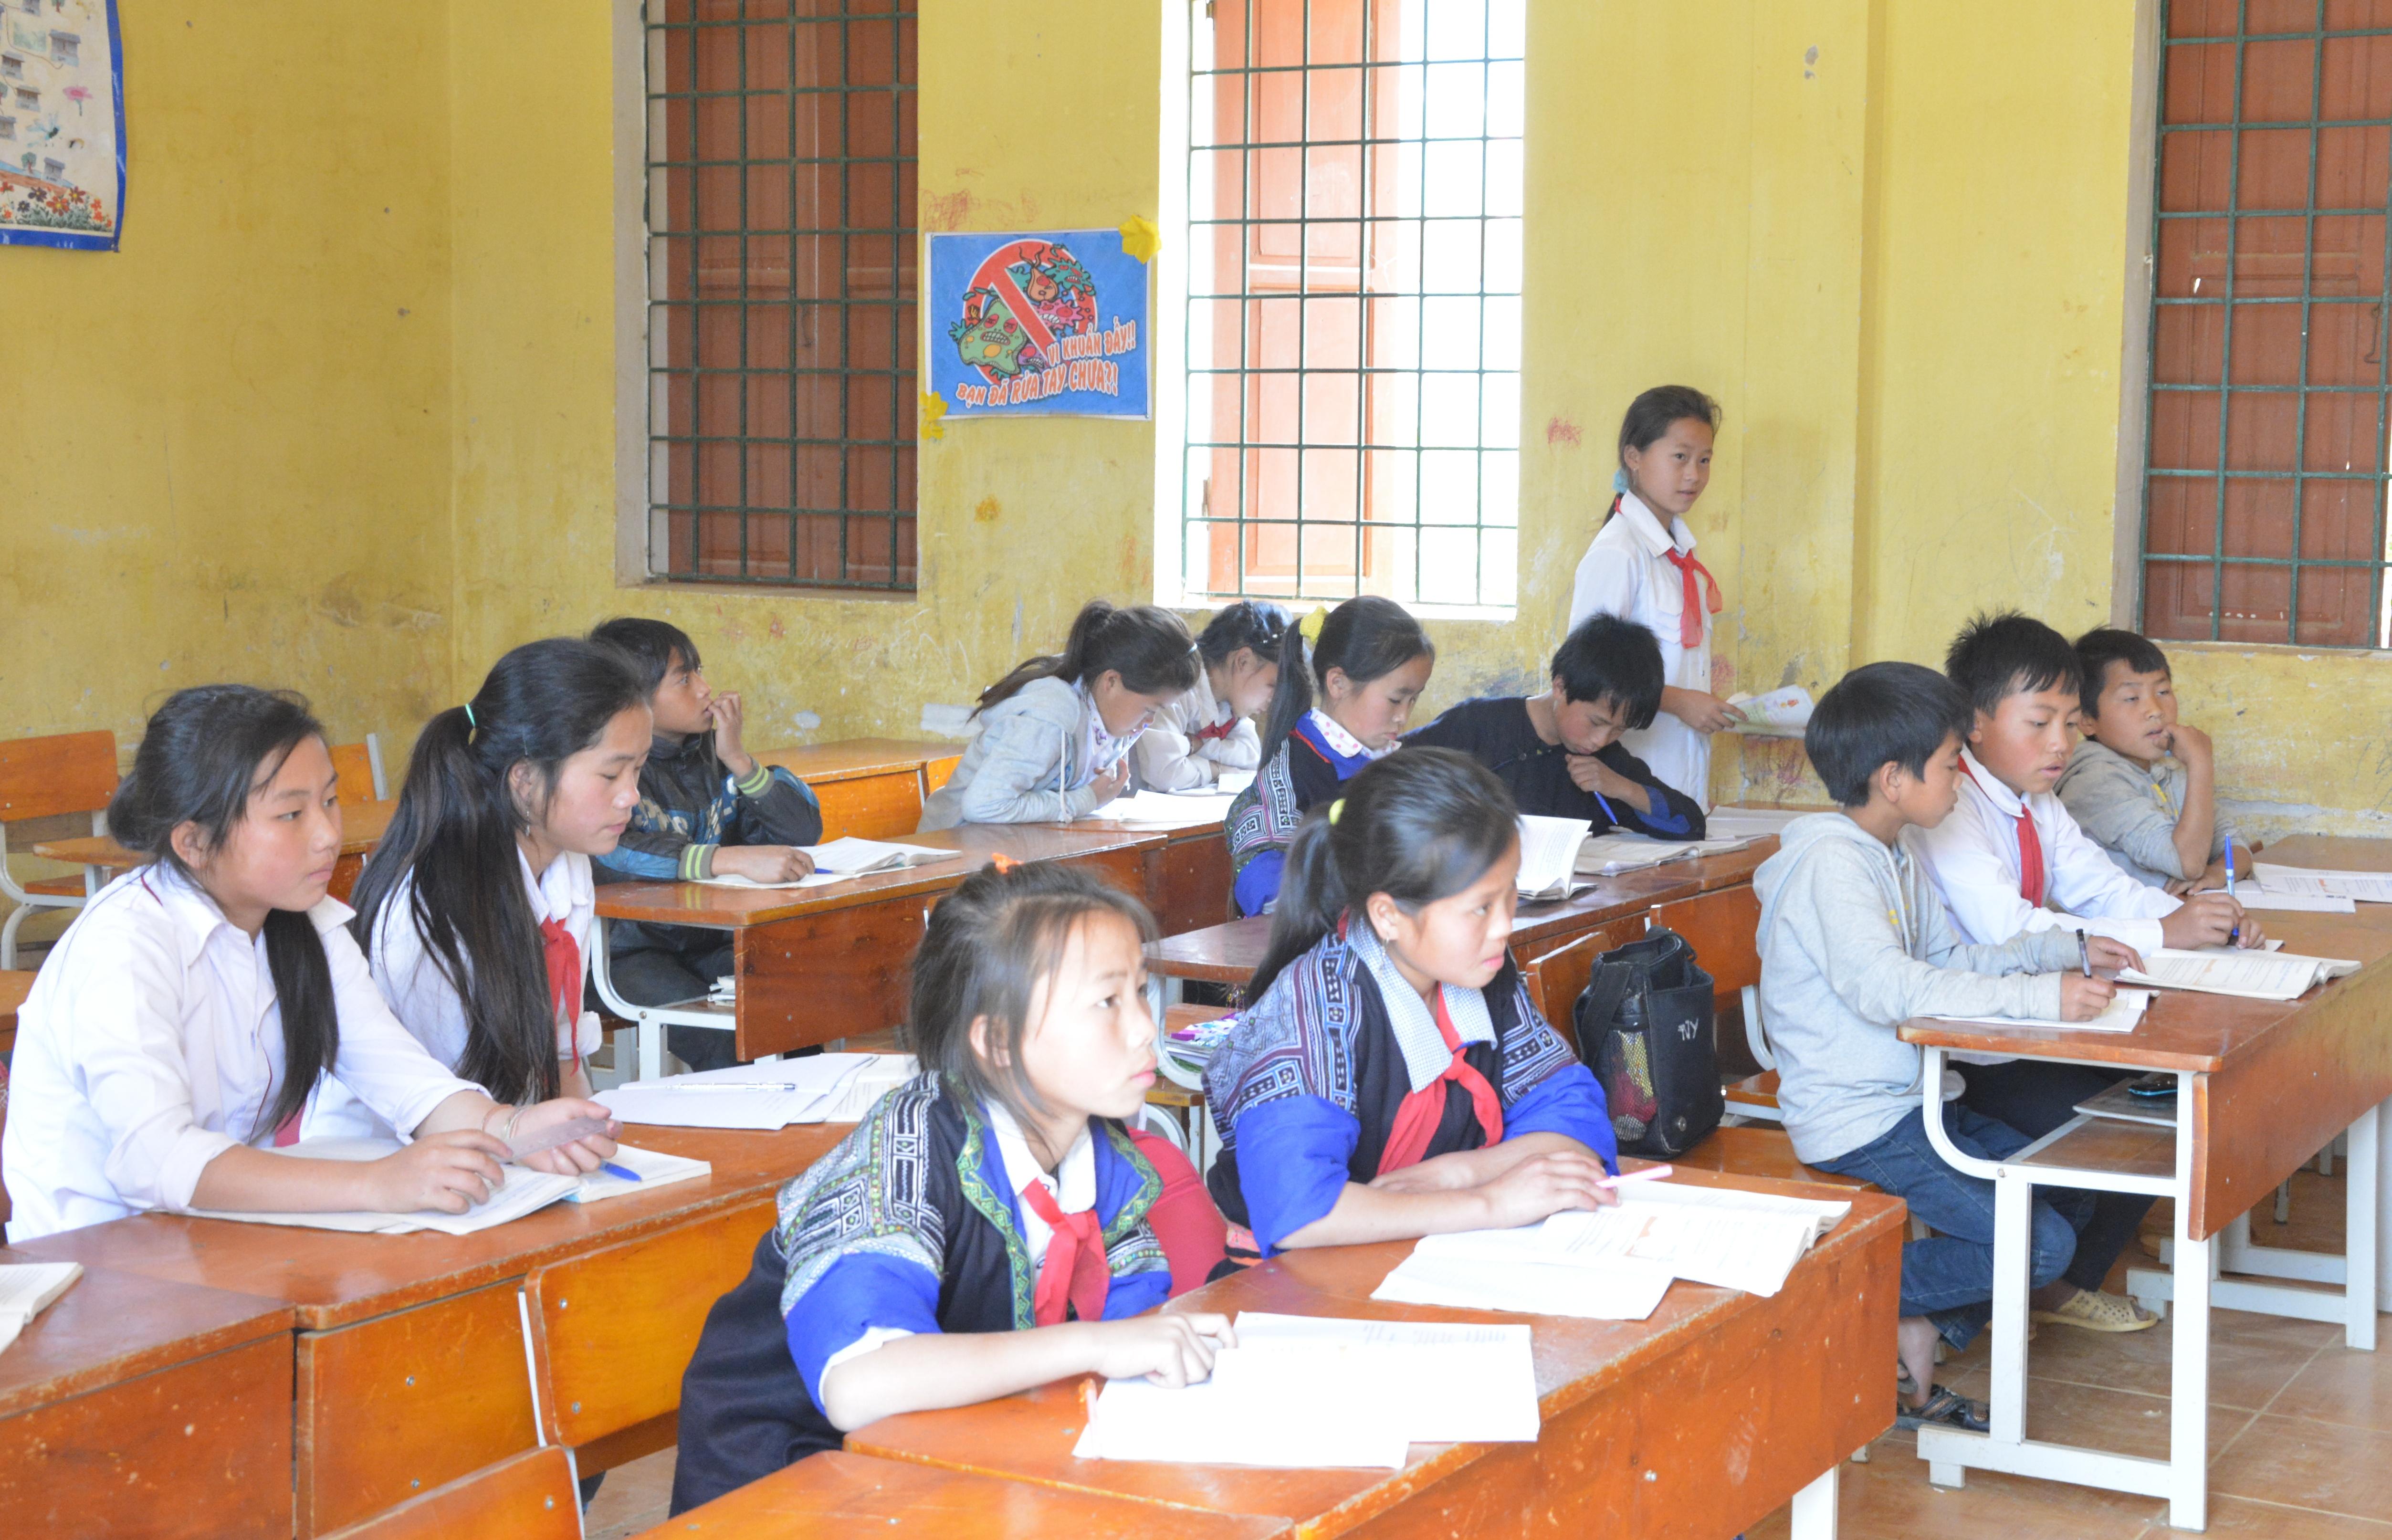 Công tác giáo dục được quan tâm nhằm nâng cao chất lượng giáo dục toàn diện